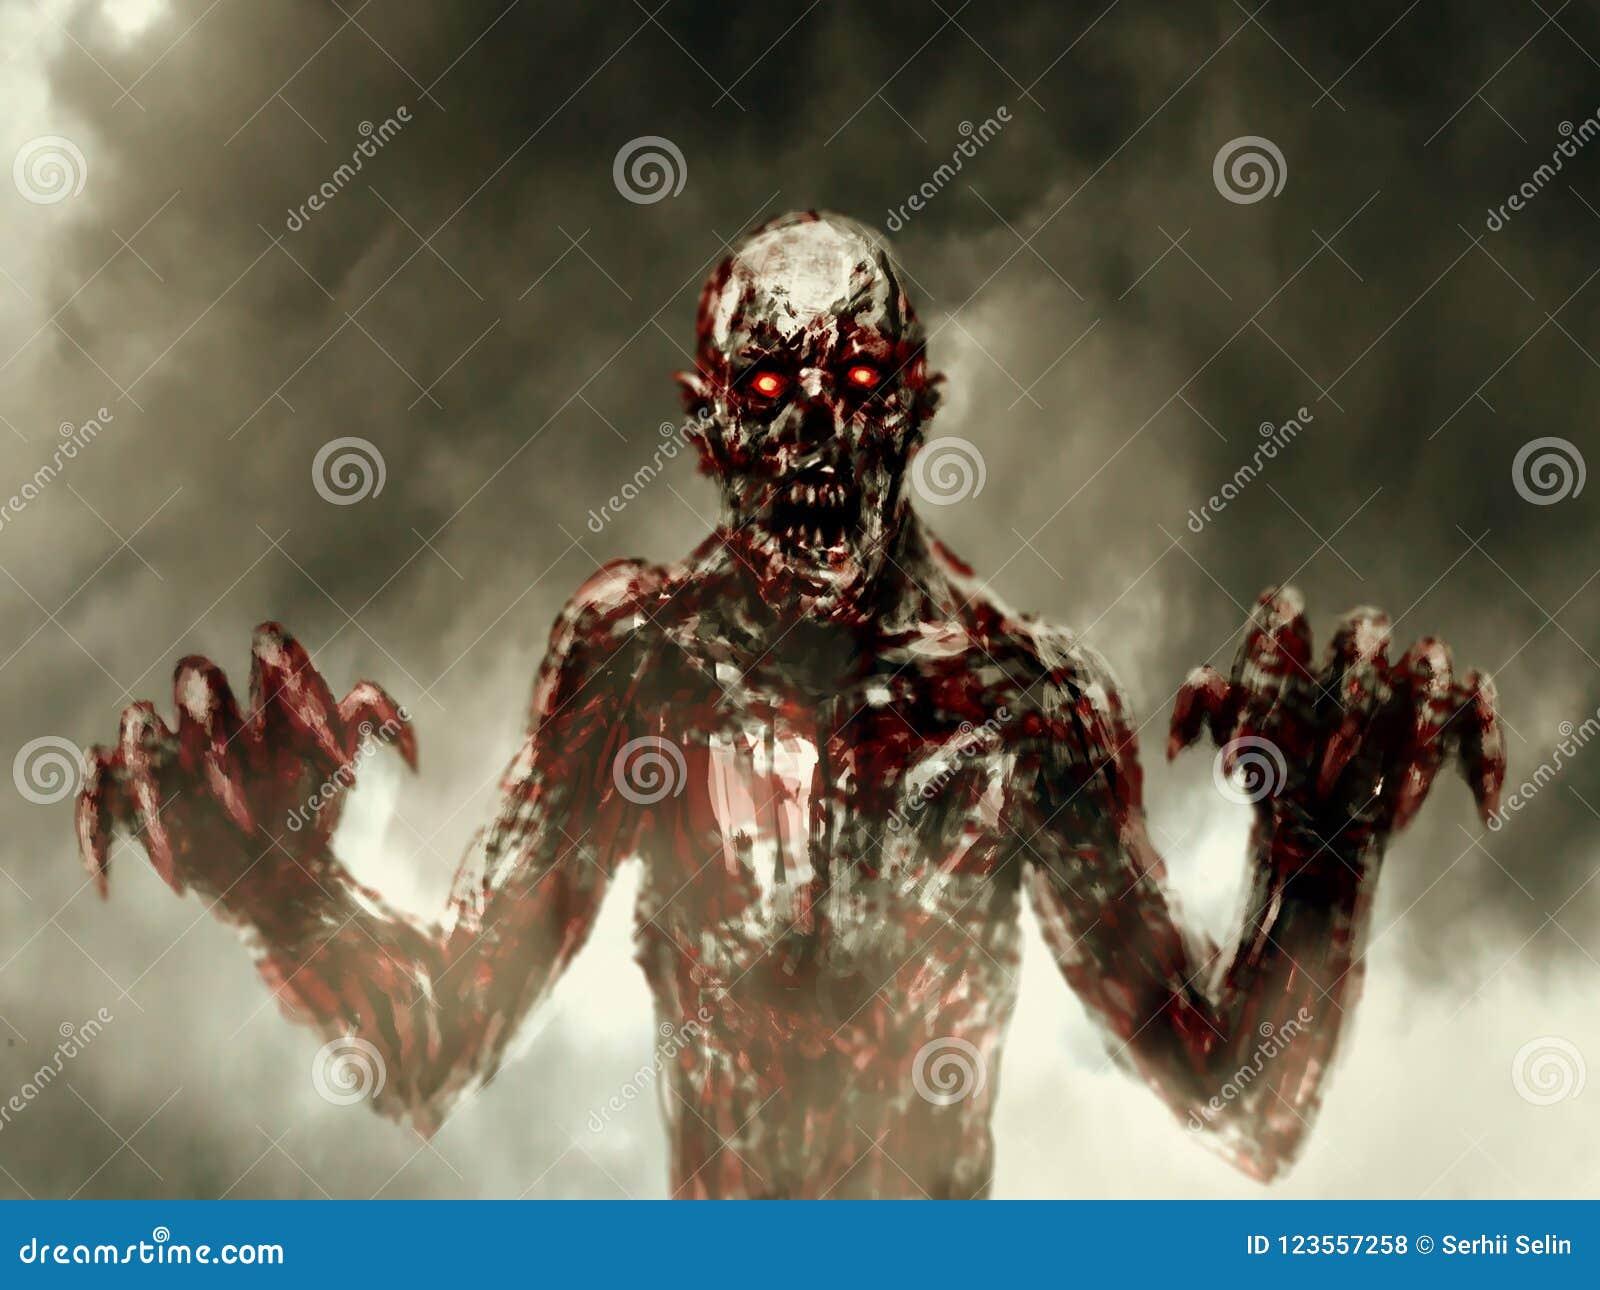 Le zombi ensanglanté foncé étire ses mains